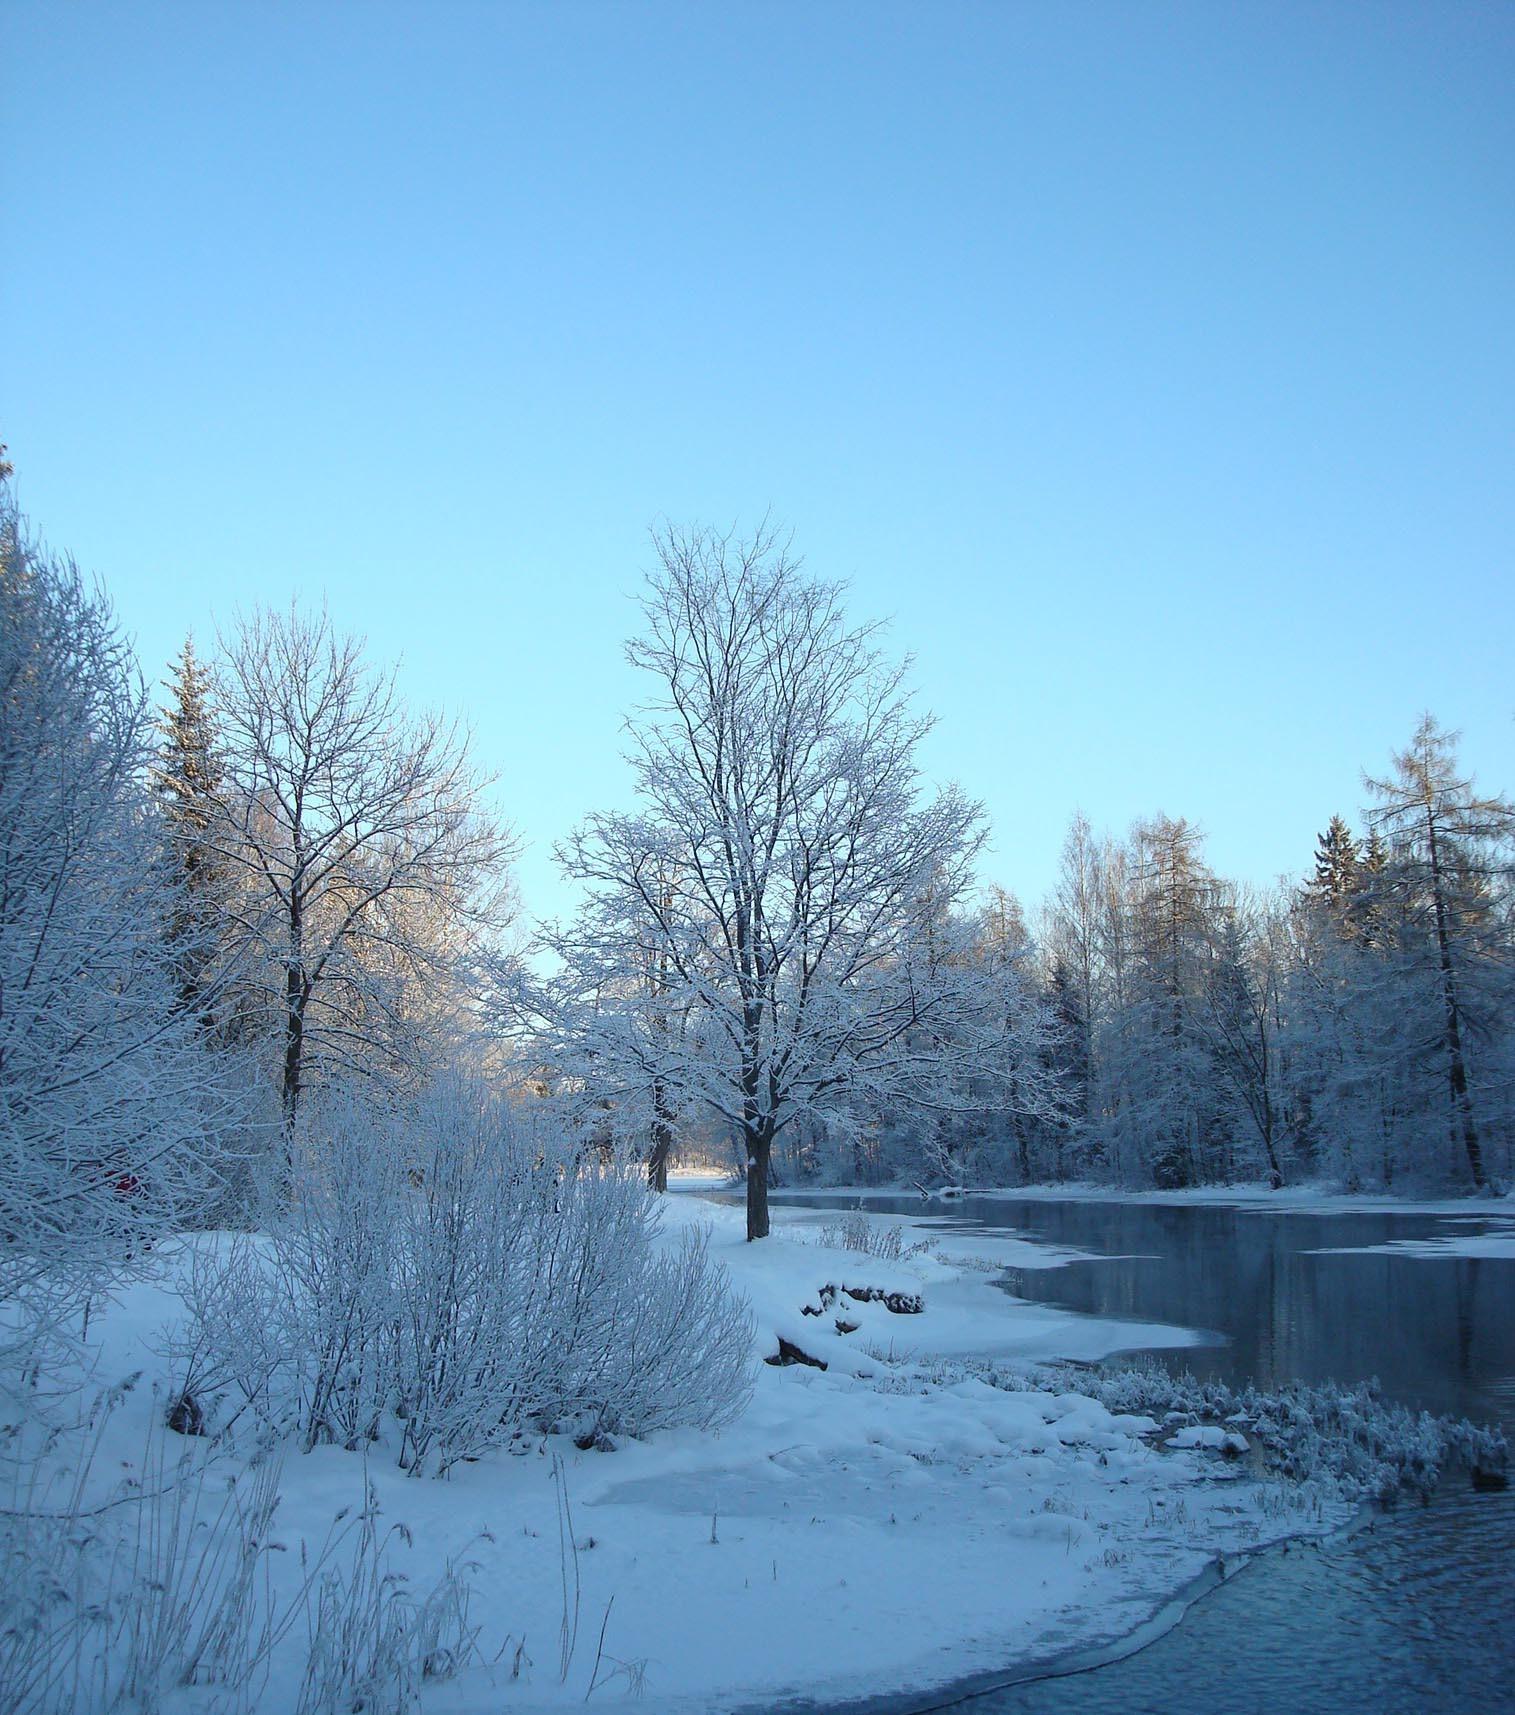 11259 скачать обои Пейзаж, Зима, Река, Деревья, Снег - заставки и картинки бесплатно